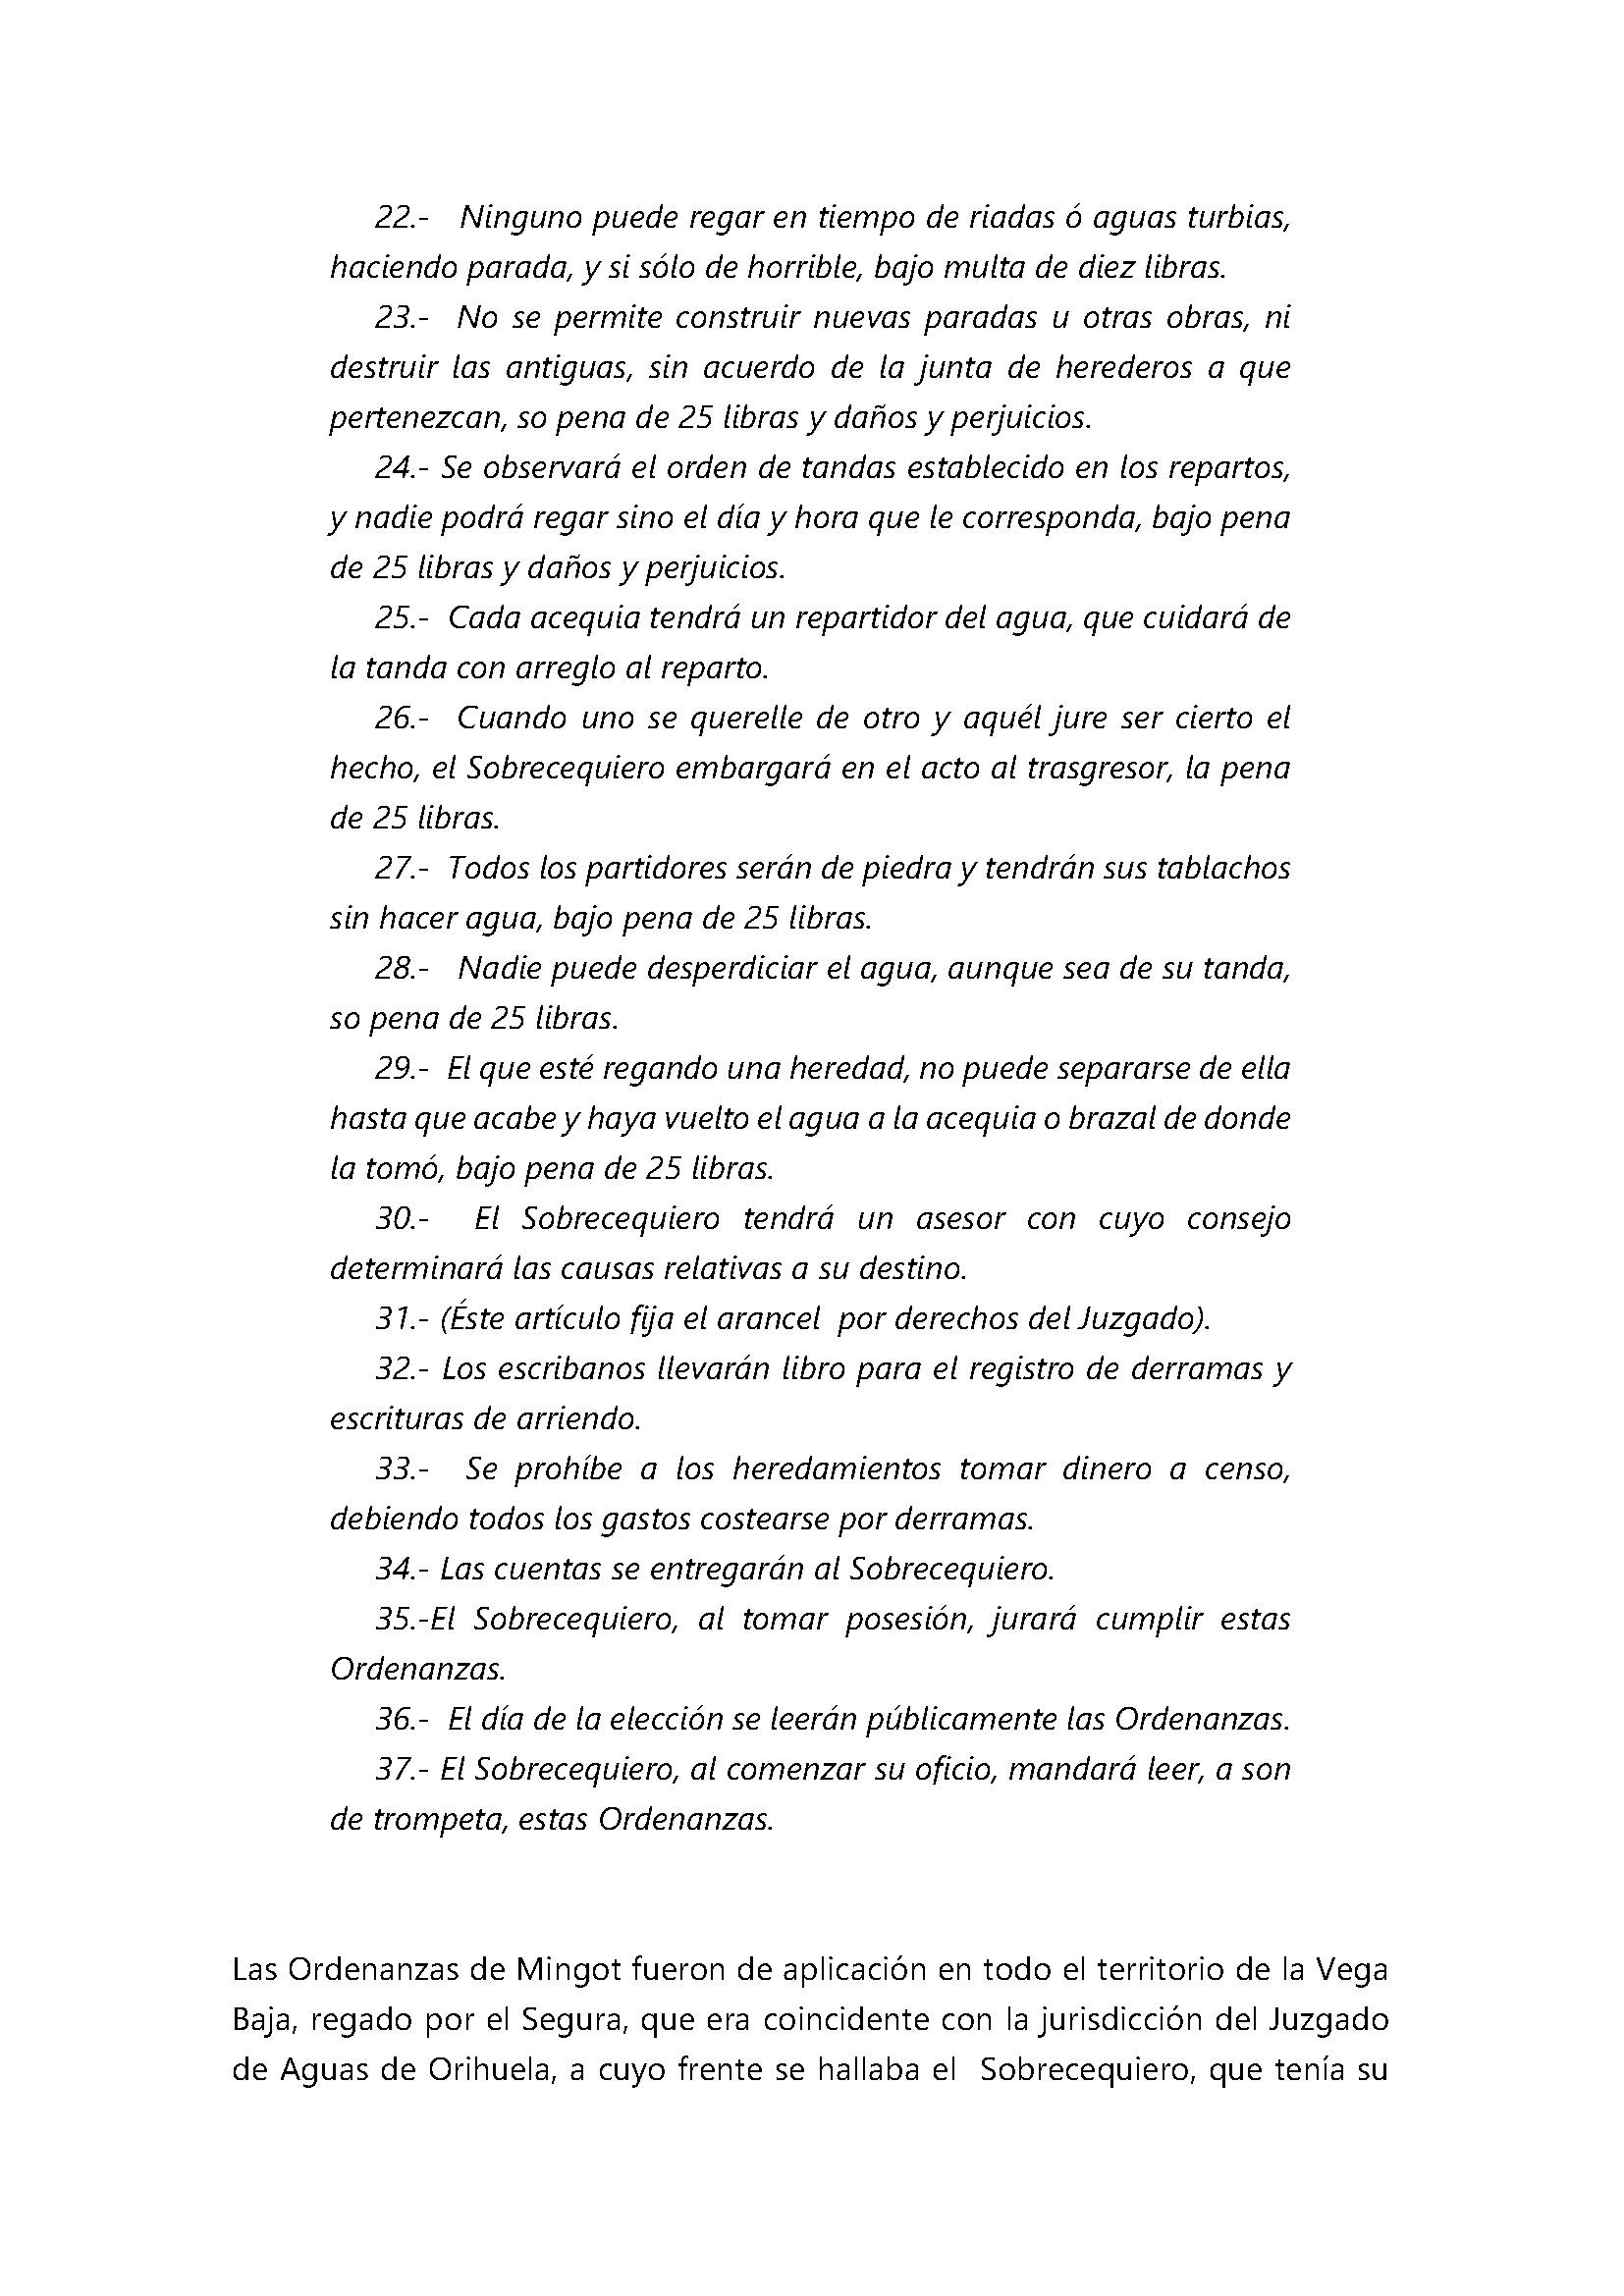 Breve noticia histórica sobre la normativa reguladora del regadío en el Juzgado de Aguas de Orihuela_Página_6